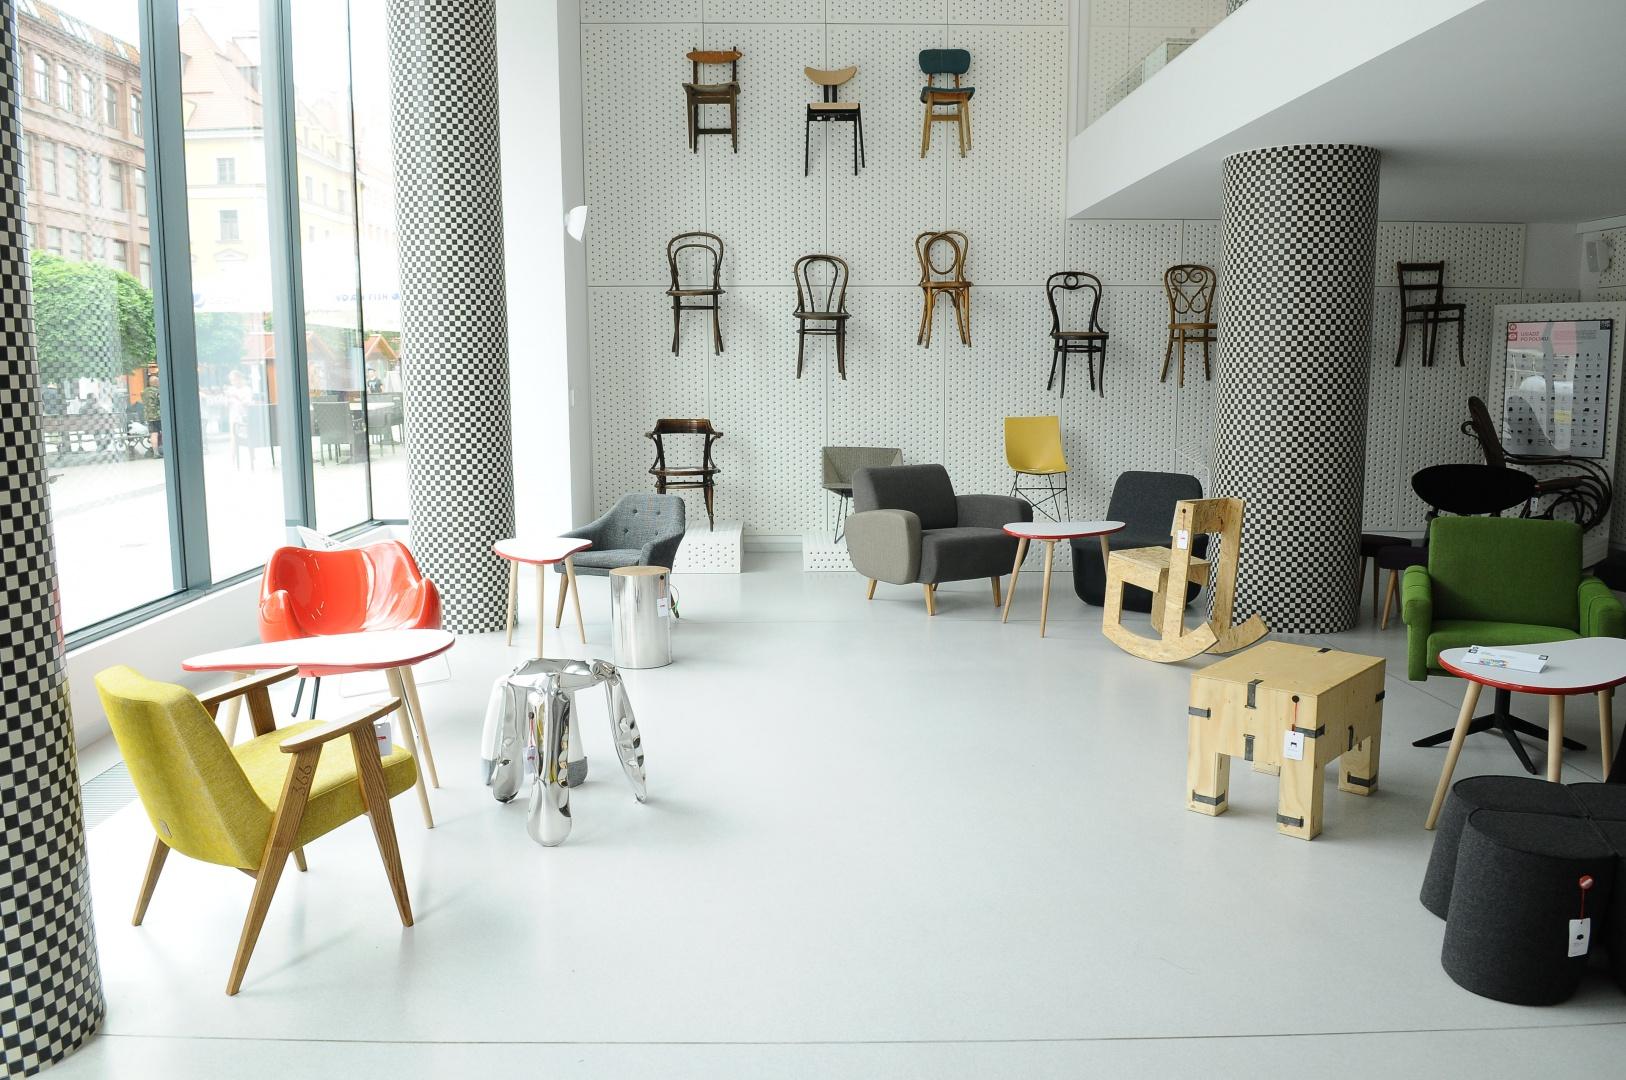 """Wystawa ze względu na interaktywny charakter, w którym eksponaty są jednocześnie przedmiotami użytkowymi do codziennej eksploatacji, wymaga dodatkowego sposobu oznaczania produktów. Każde krzesło zostanie """"ometkowane"""" jak w sklepie z odzieżą. Fot. Materiały prasowe"""